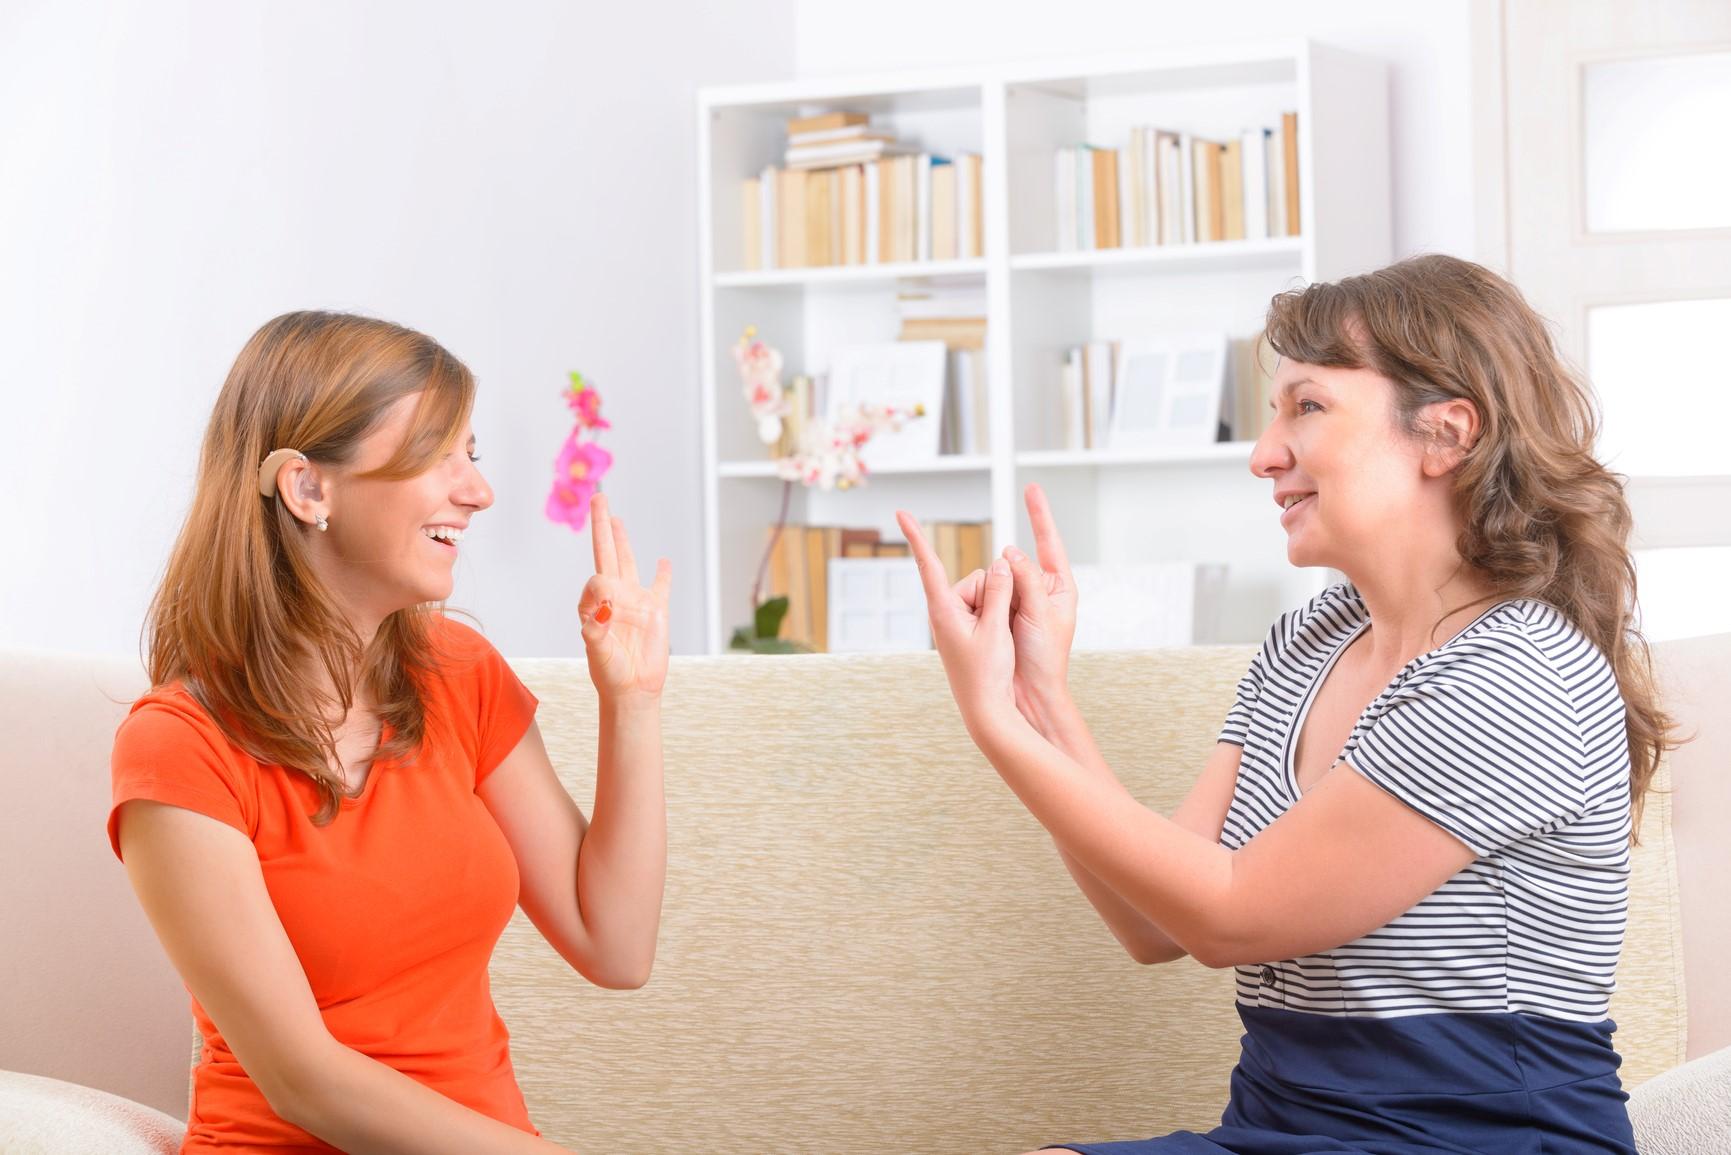 twee vrouwen die met elkaar praten via gebarentaal